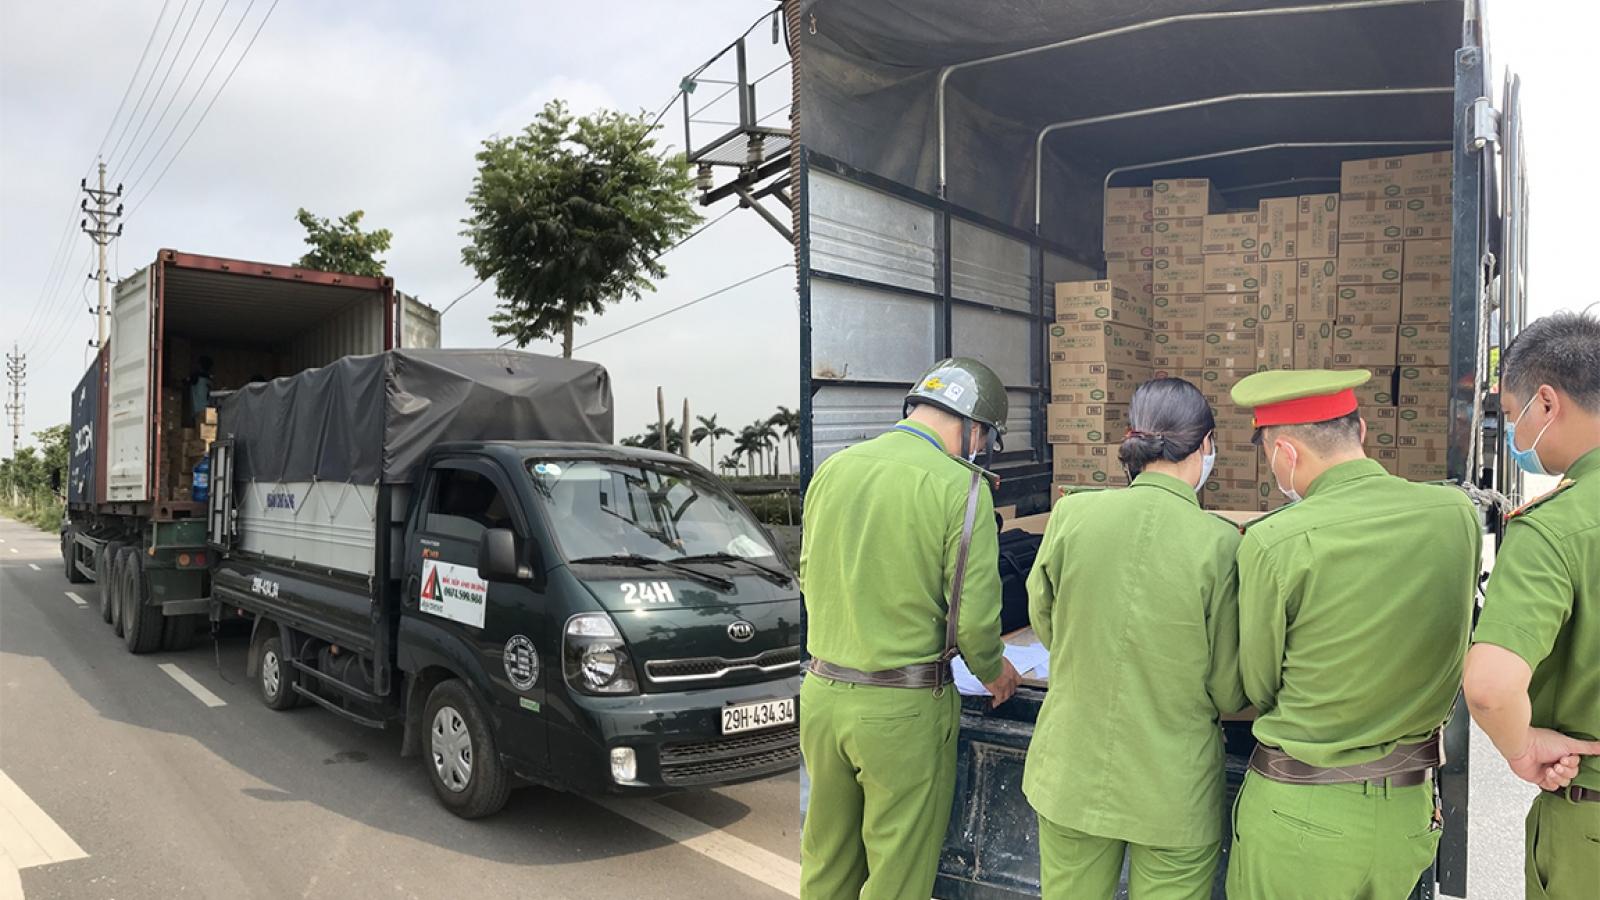 Phát hiện số lượng lớn hàng hóa nhập khẩu không rõ nguồn gốc, hết hạn sử dụng tại Hà Nội